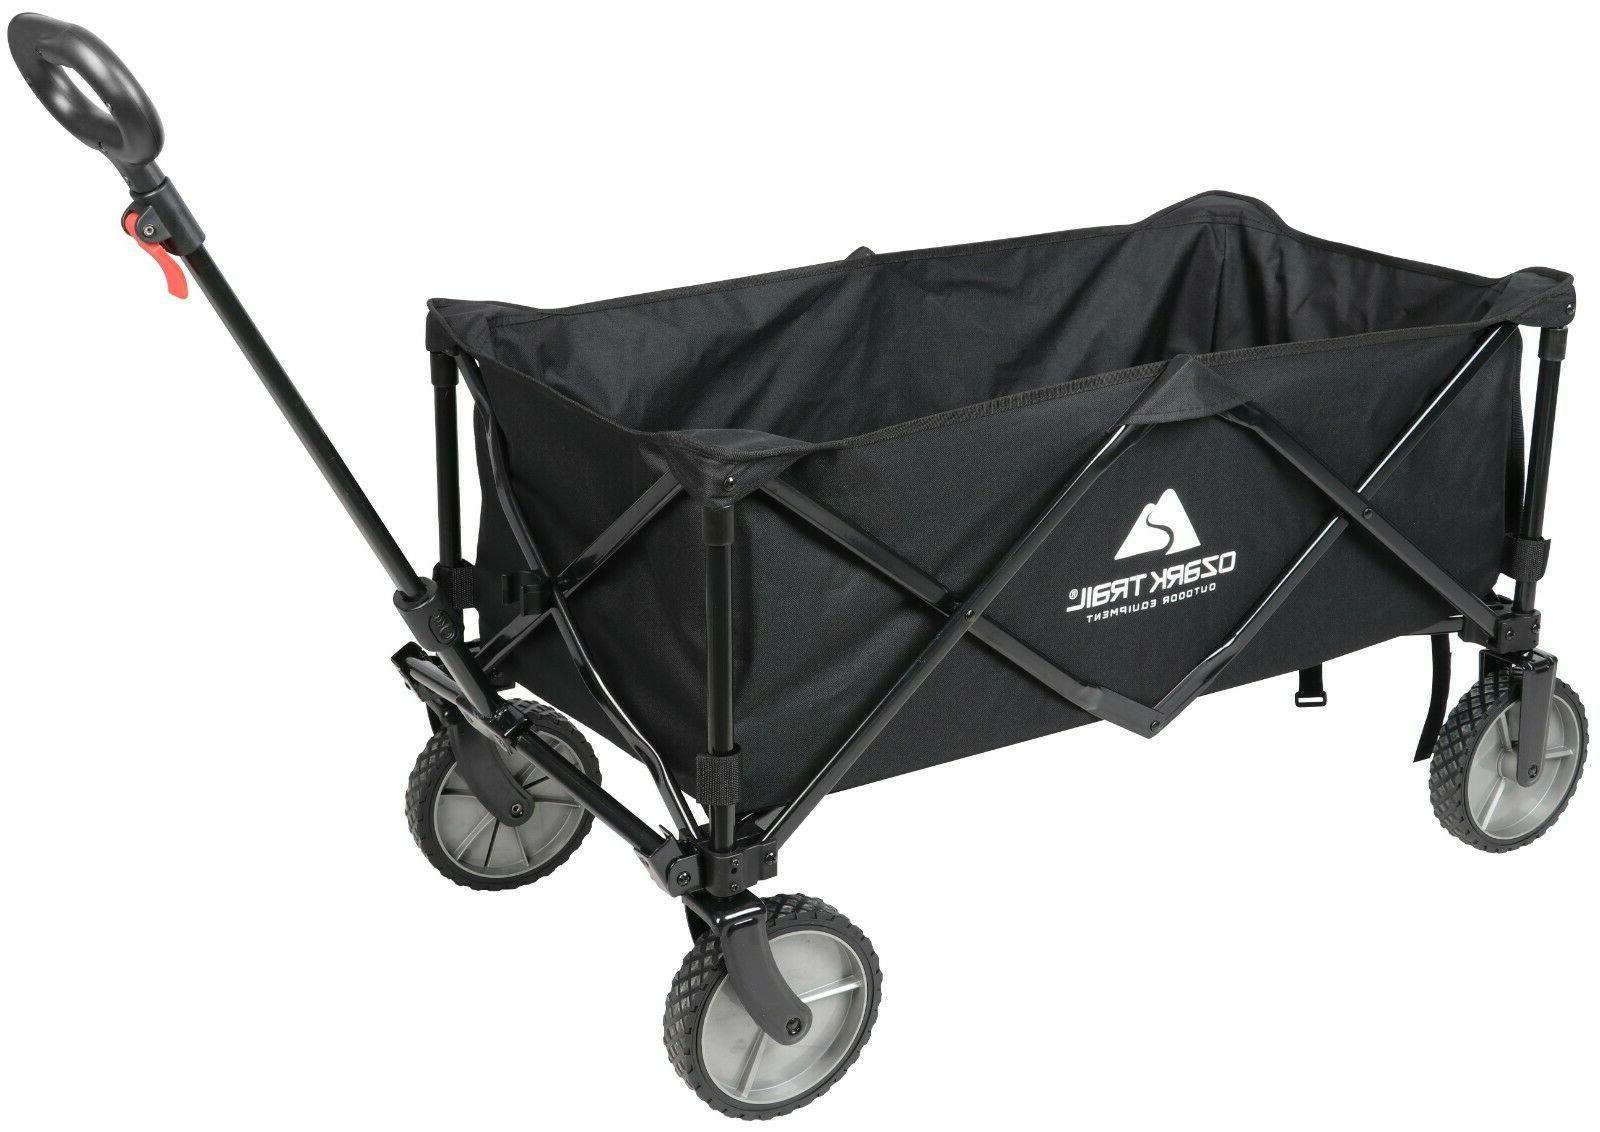 Wagon Folding Cart Collapsible Garden Beach Utility Outdoor